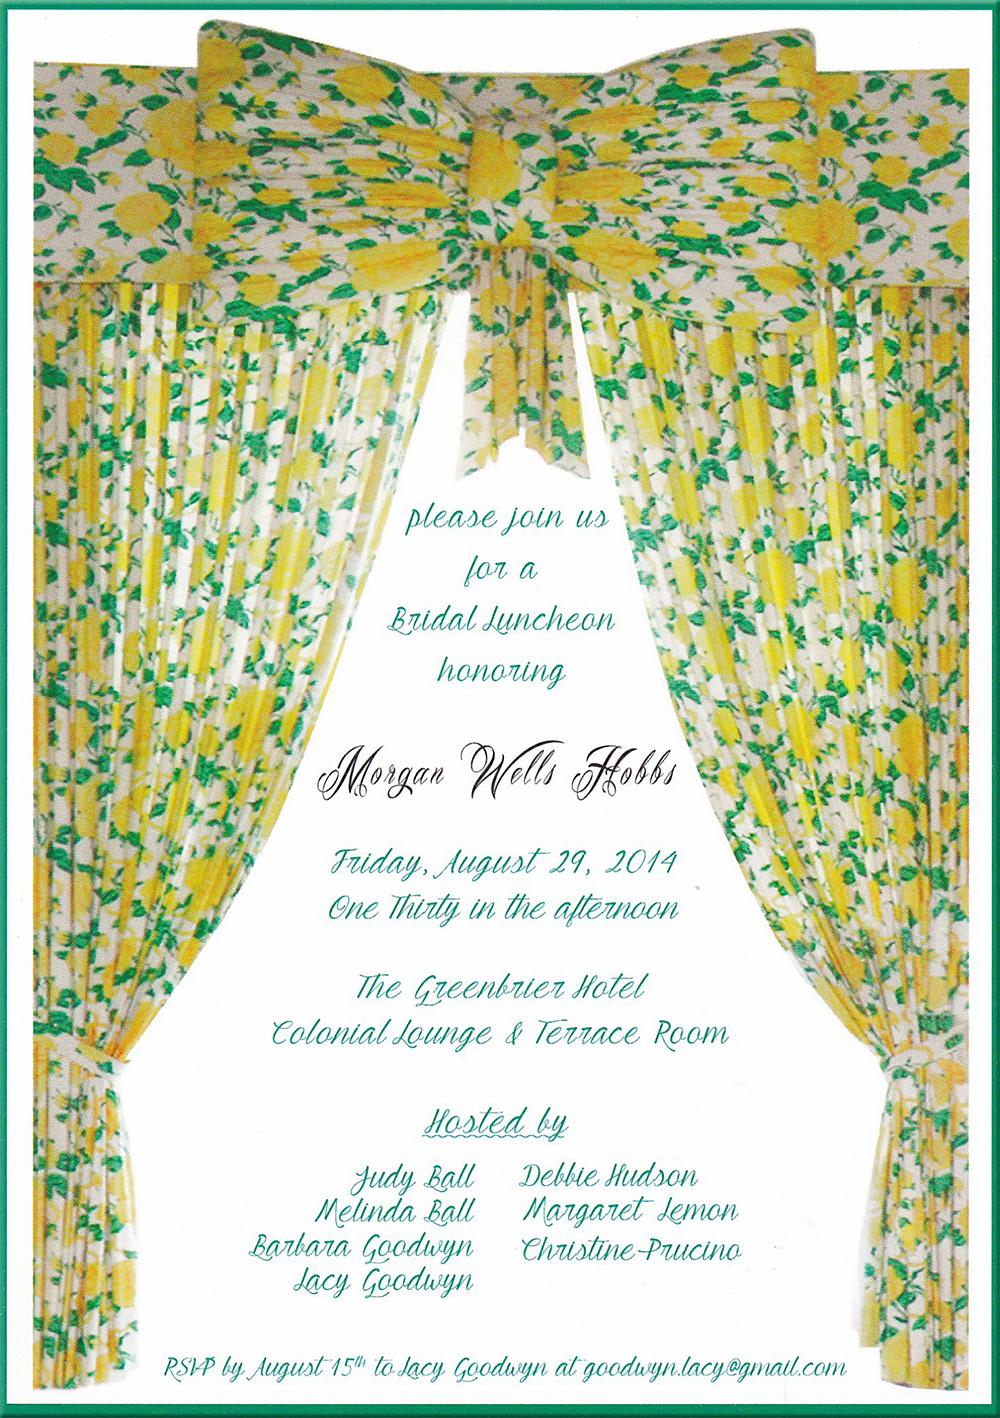 morgan-H-bridal-shower-invite.jpg